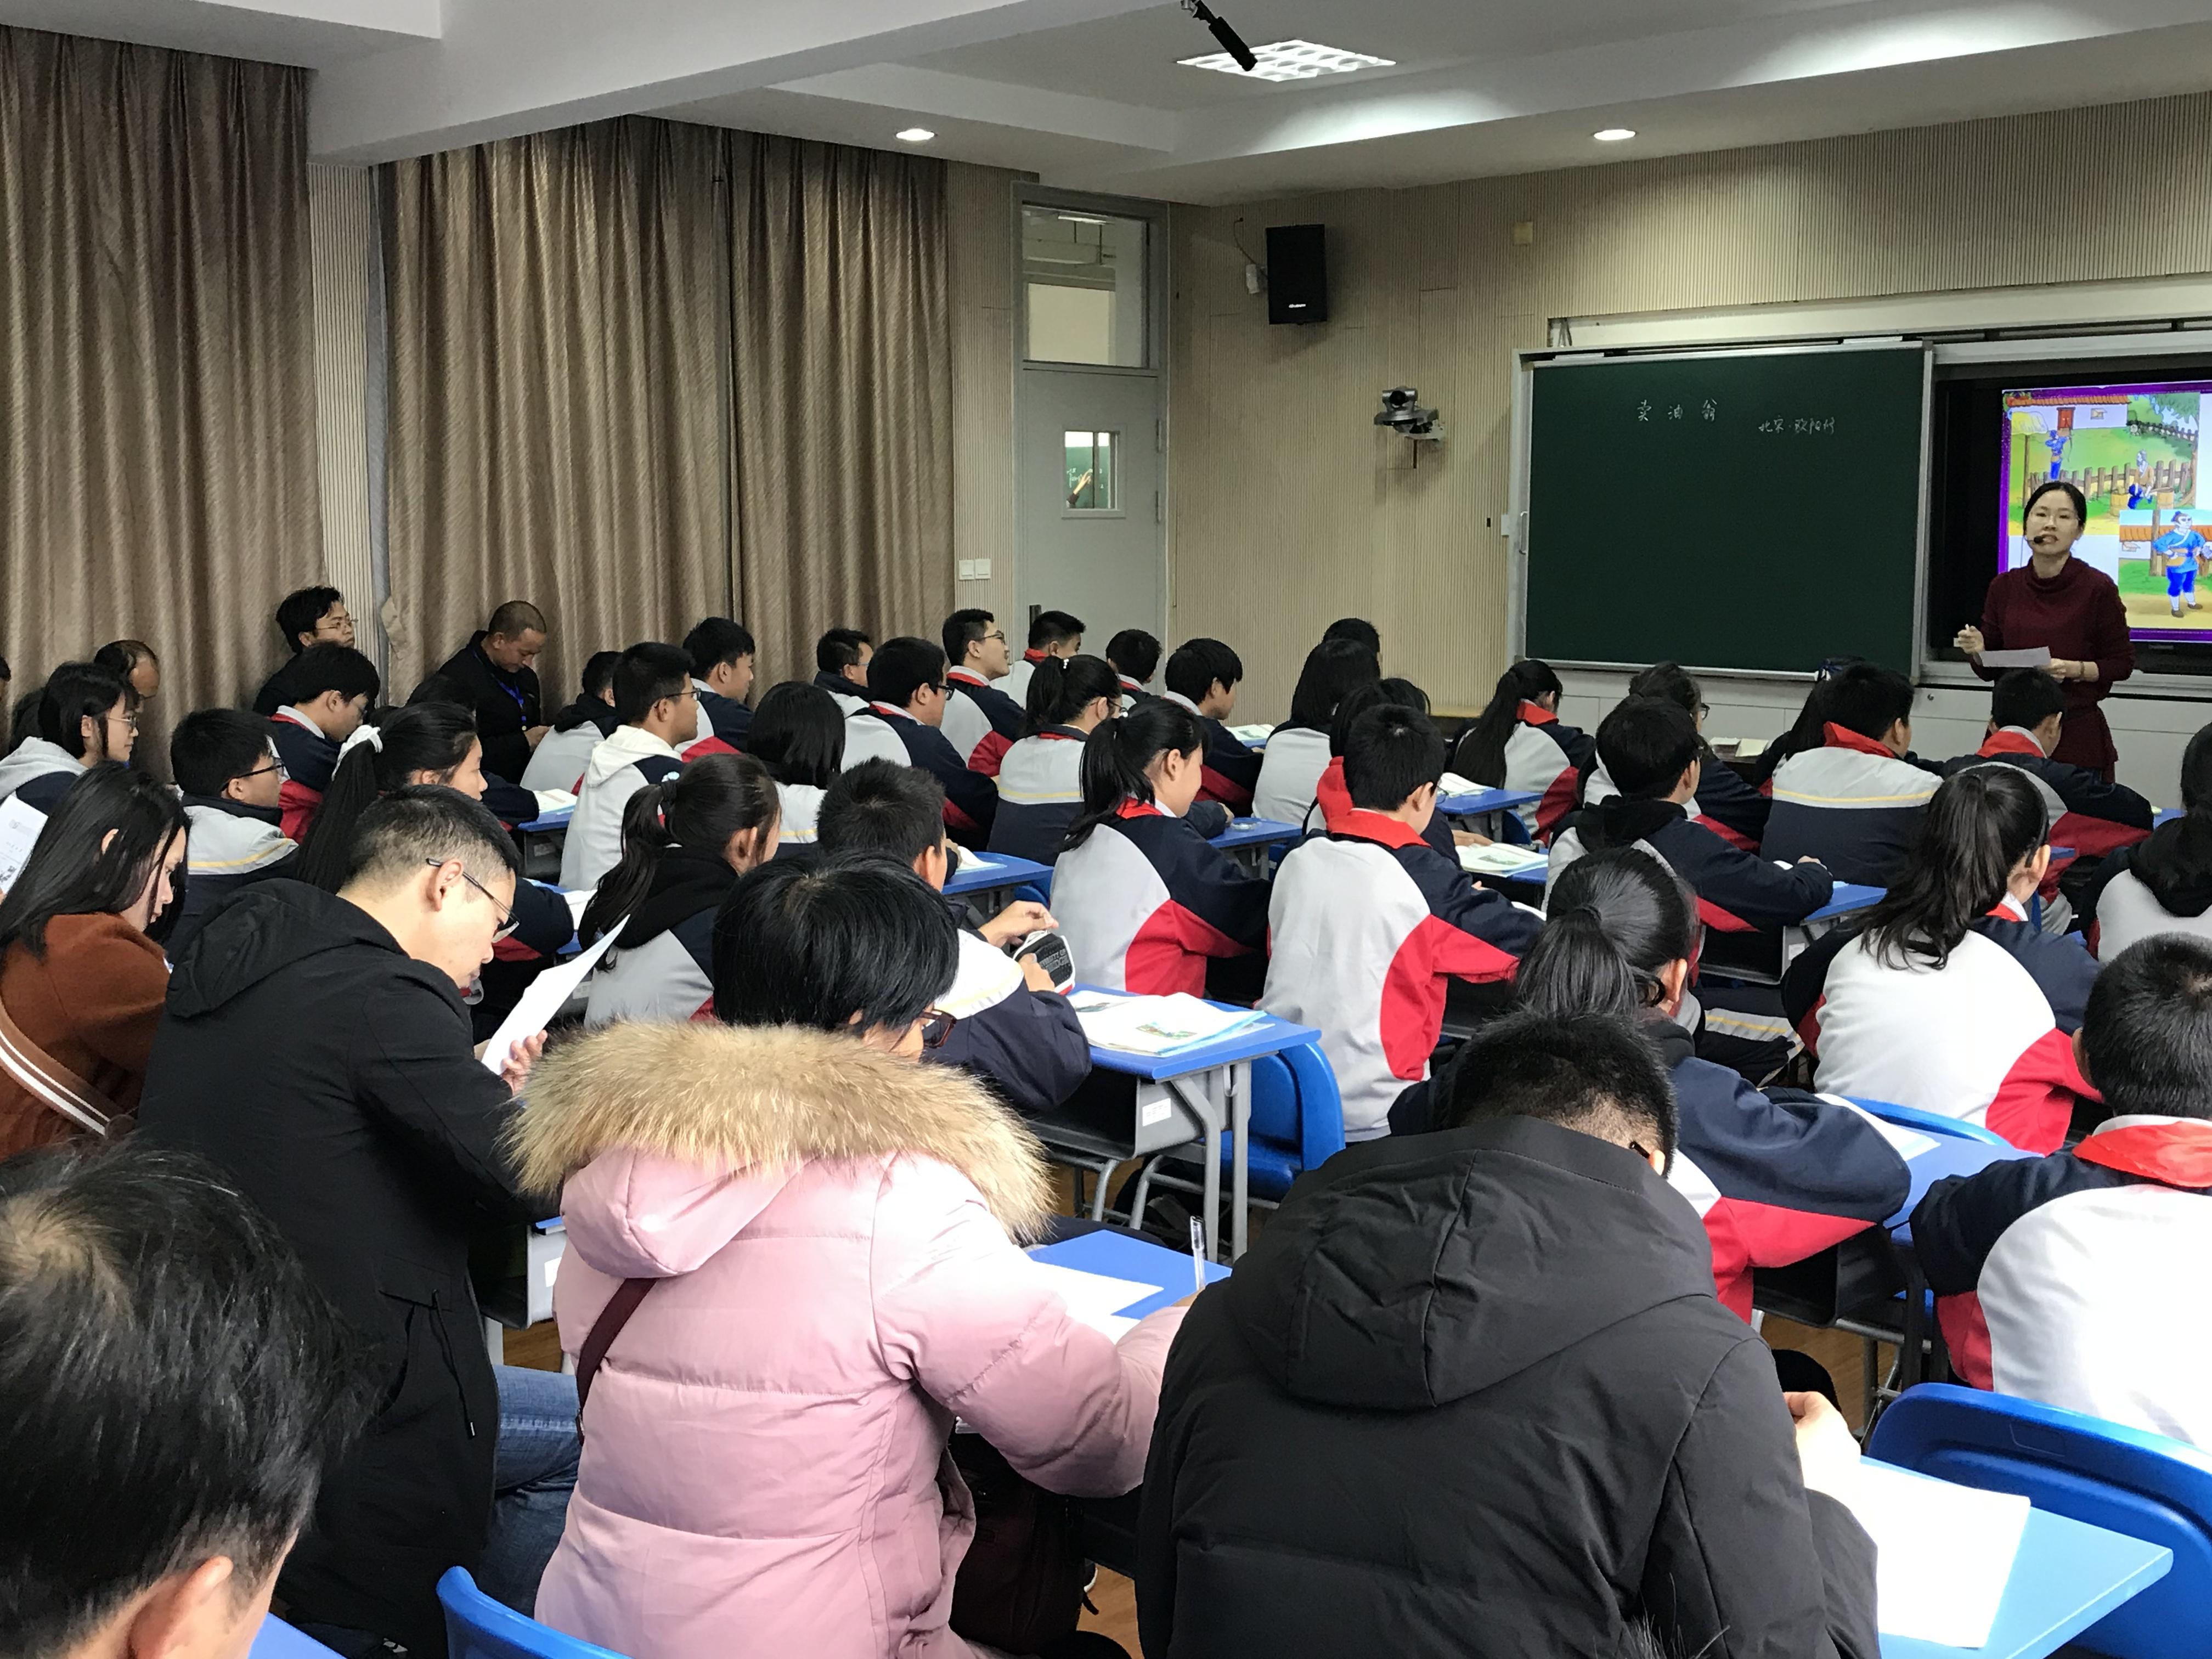 35 - 授渔传道 爱满沪滇 上慈会-SGCU云南慈善项目上海访学圆满结业